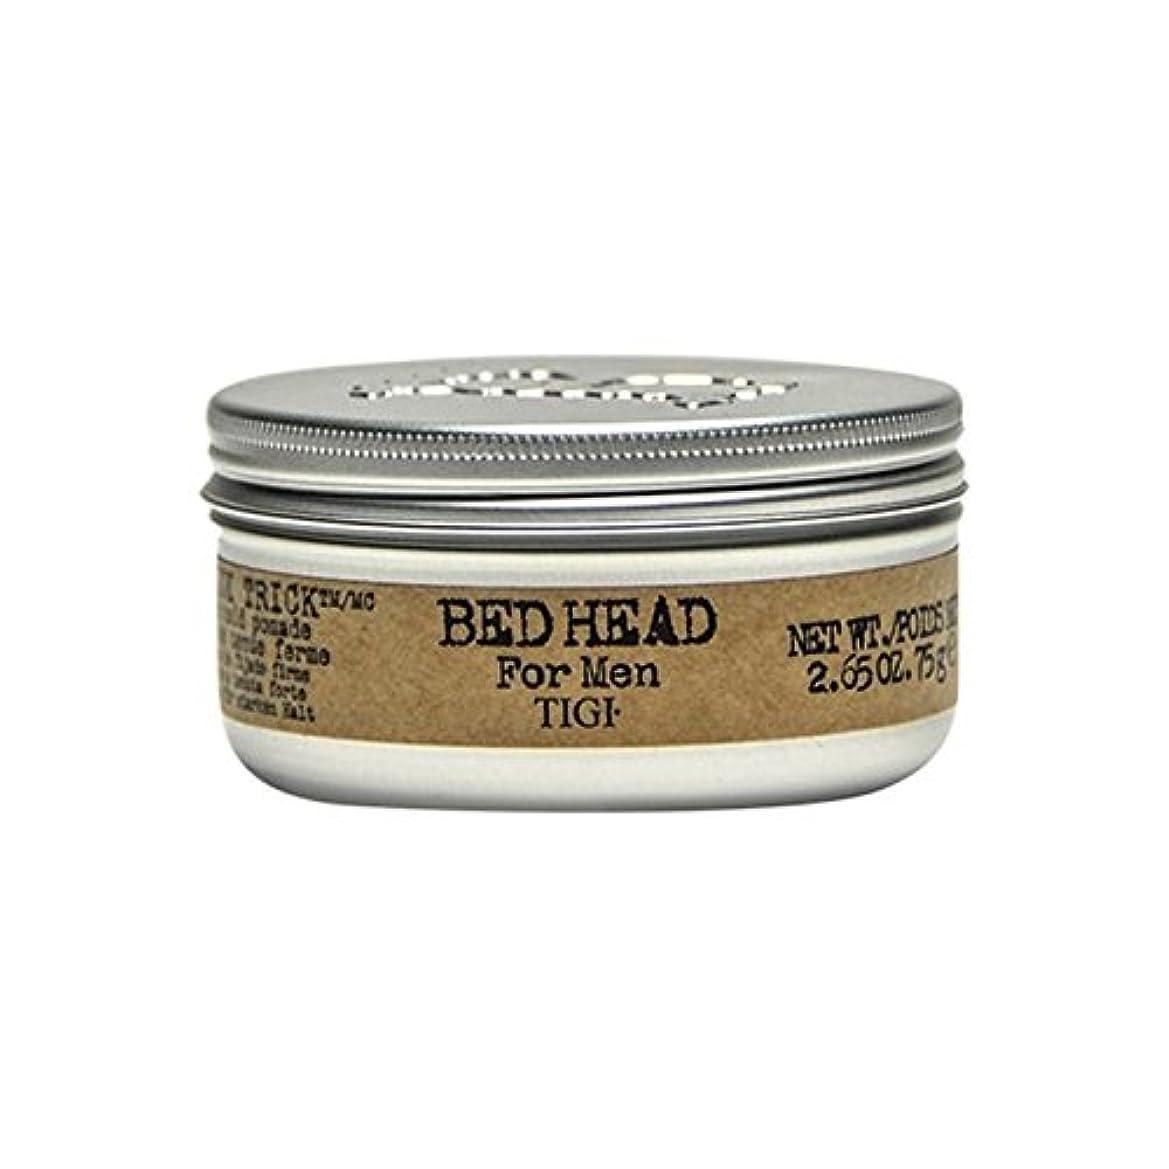 取得計算するボンド男性の滑らかなトリックポマード(75グラム)のためのティジーベッドヘッド x2 - Tigi Bed Head For Men Slick Trick Pomade (75G) (Pack of 2) [並行輸入品]